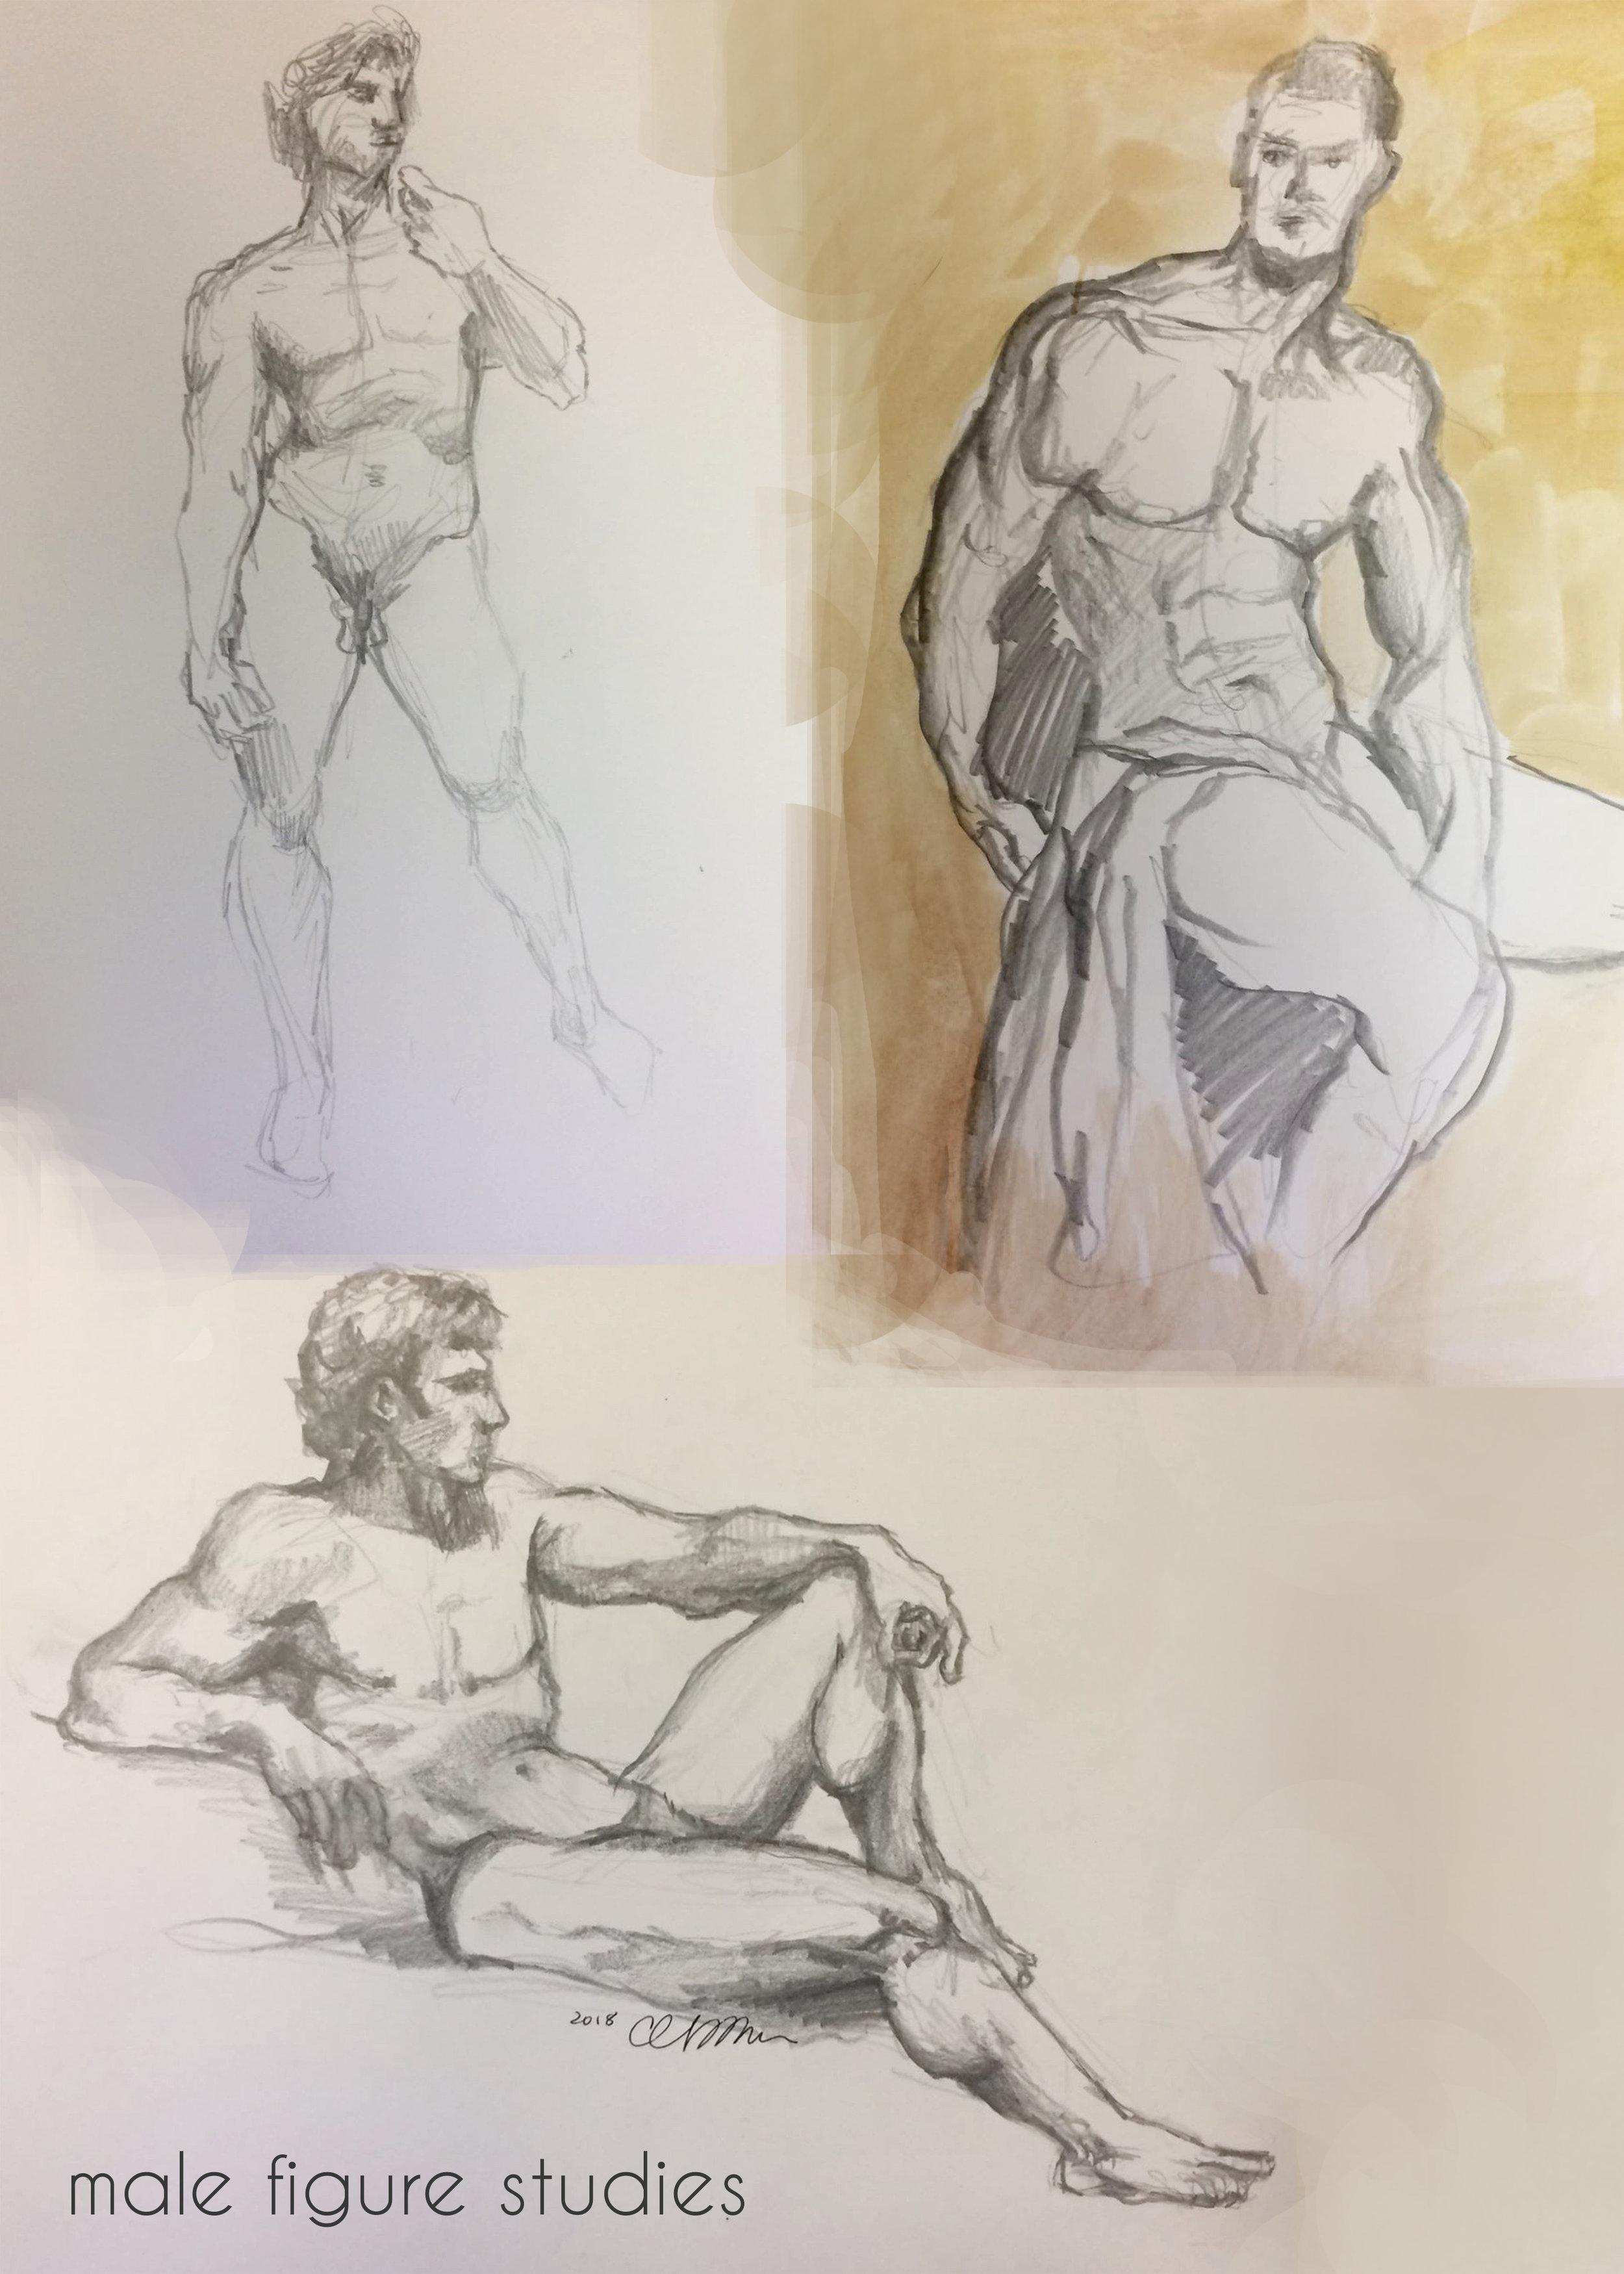 male fig studies.jpg